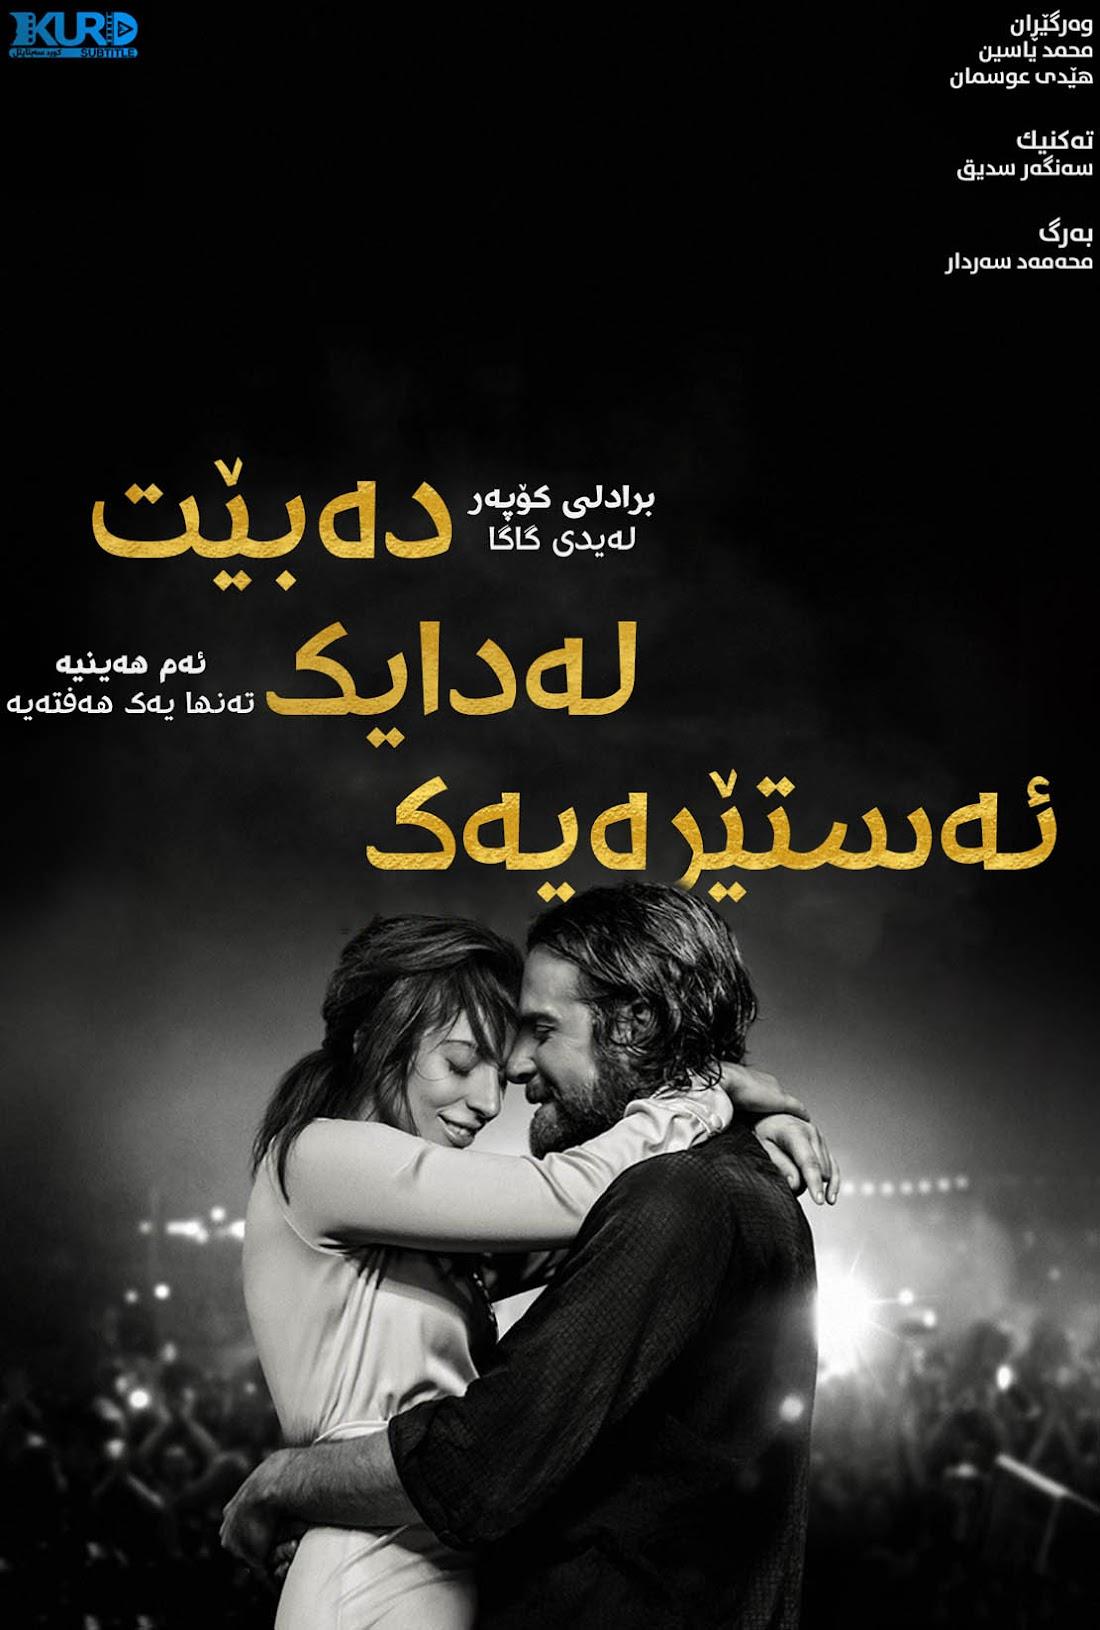 A Star Is Born kurdish poster